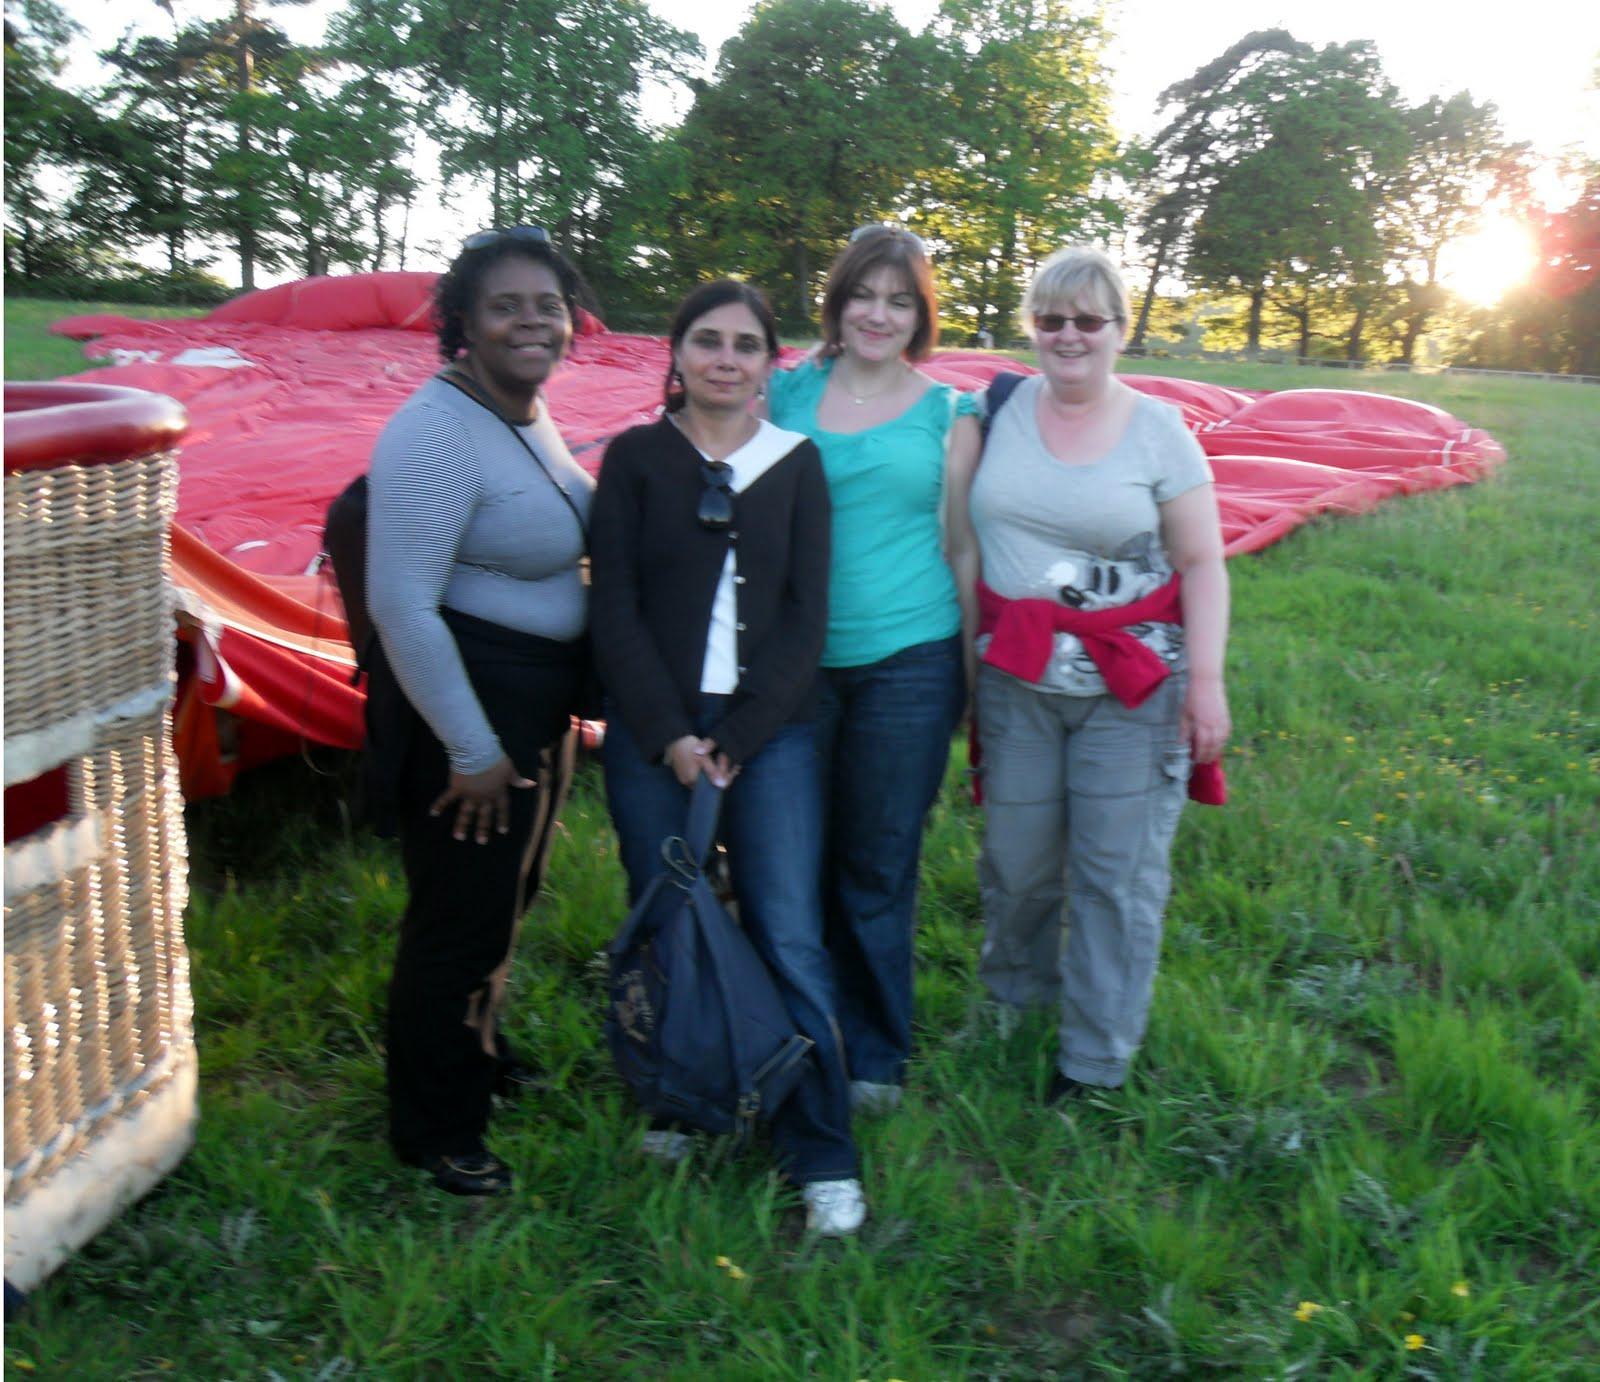 http://4.bp.blogspot.com/_7ECZ30FaKzg/TDl99l6eFFI/AAAAAAAAAAk/QRKd7V9lHTo/s1600/The+eagle+has+landed+-+Sandra,+Kam,+Rochelle+and+Lynne.jpg